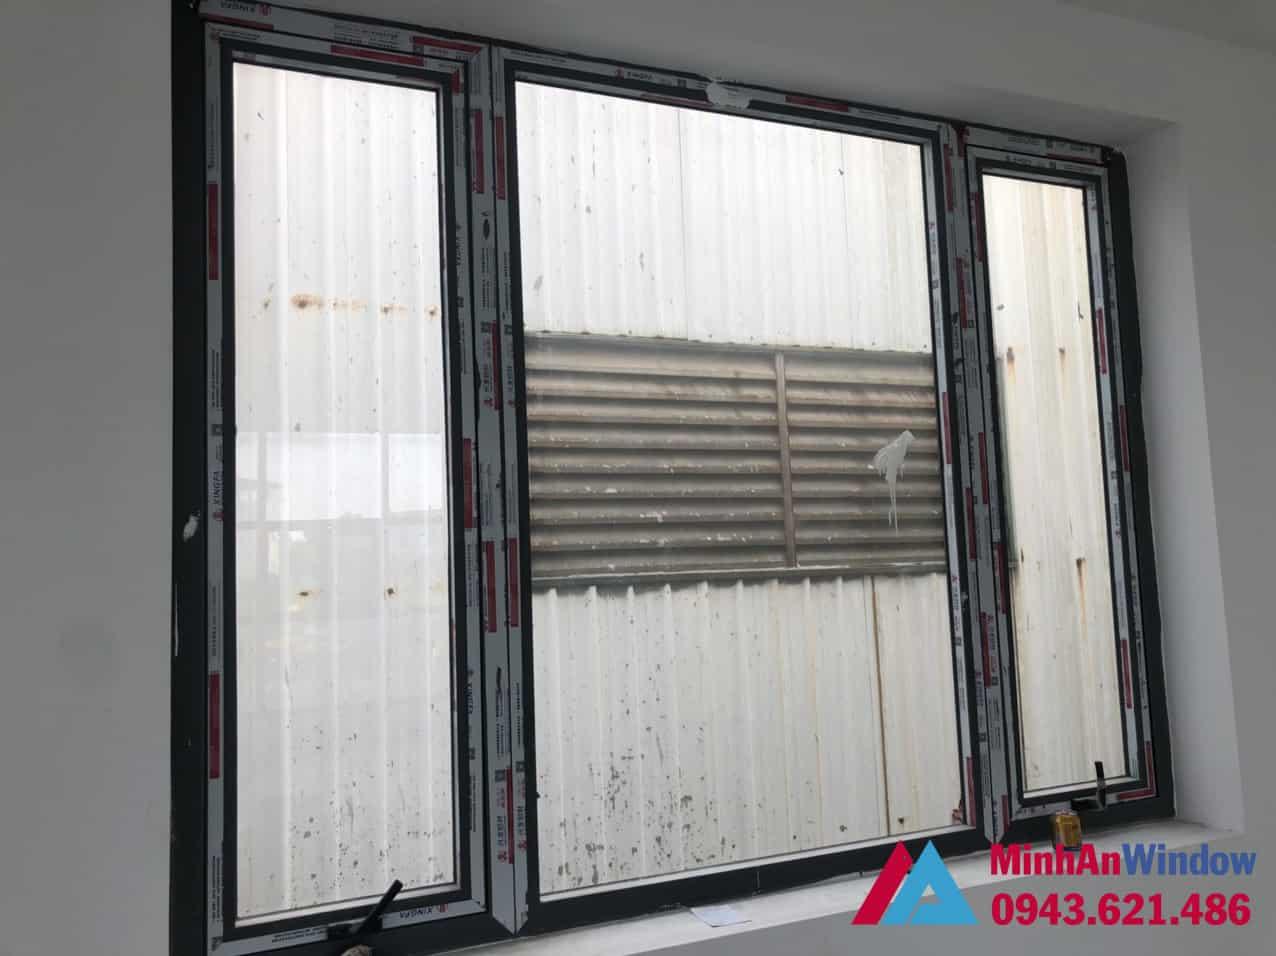 Mẫu cửa sổ nhôm kính - Minh An Window thiết kế và lắp đặt